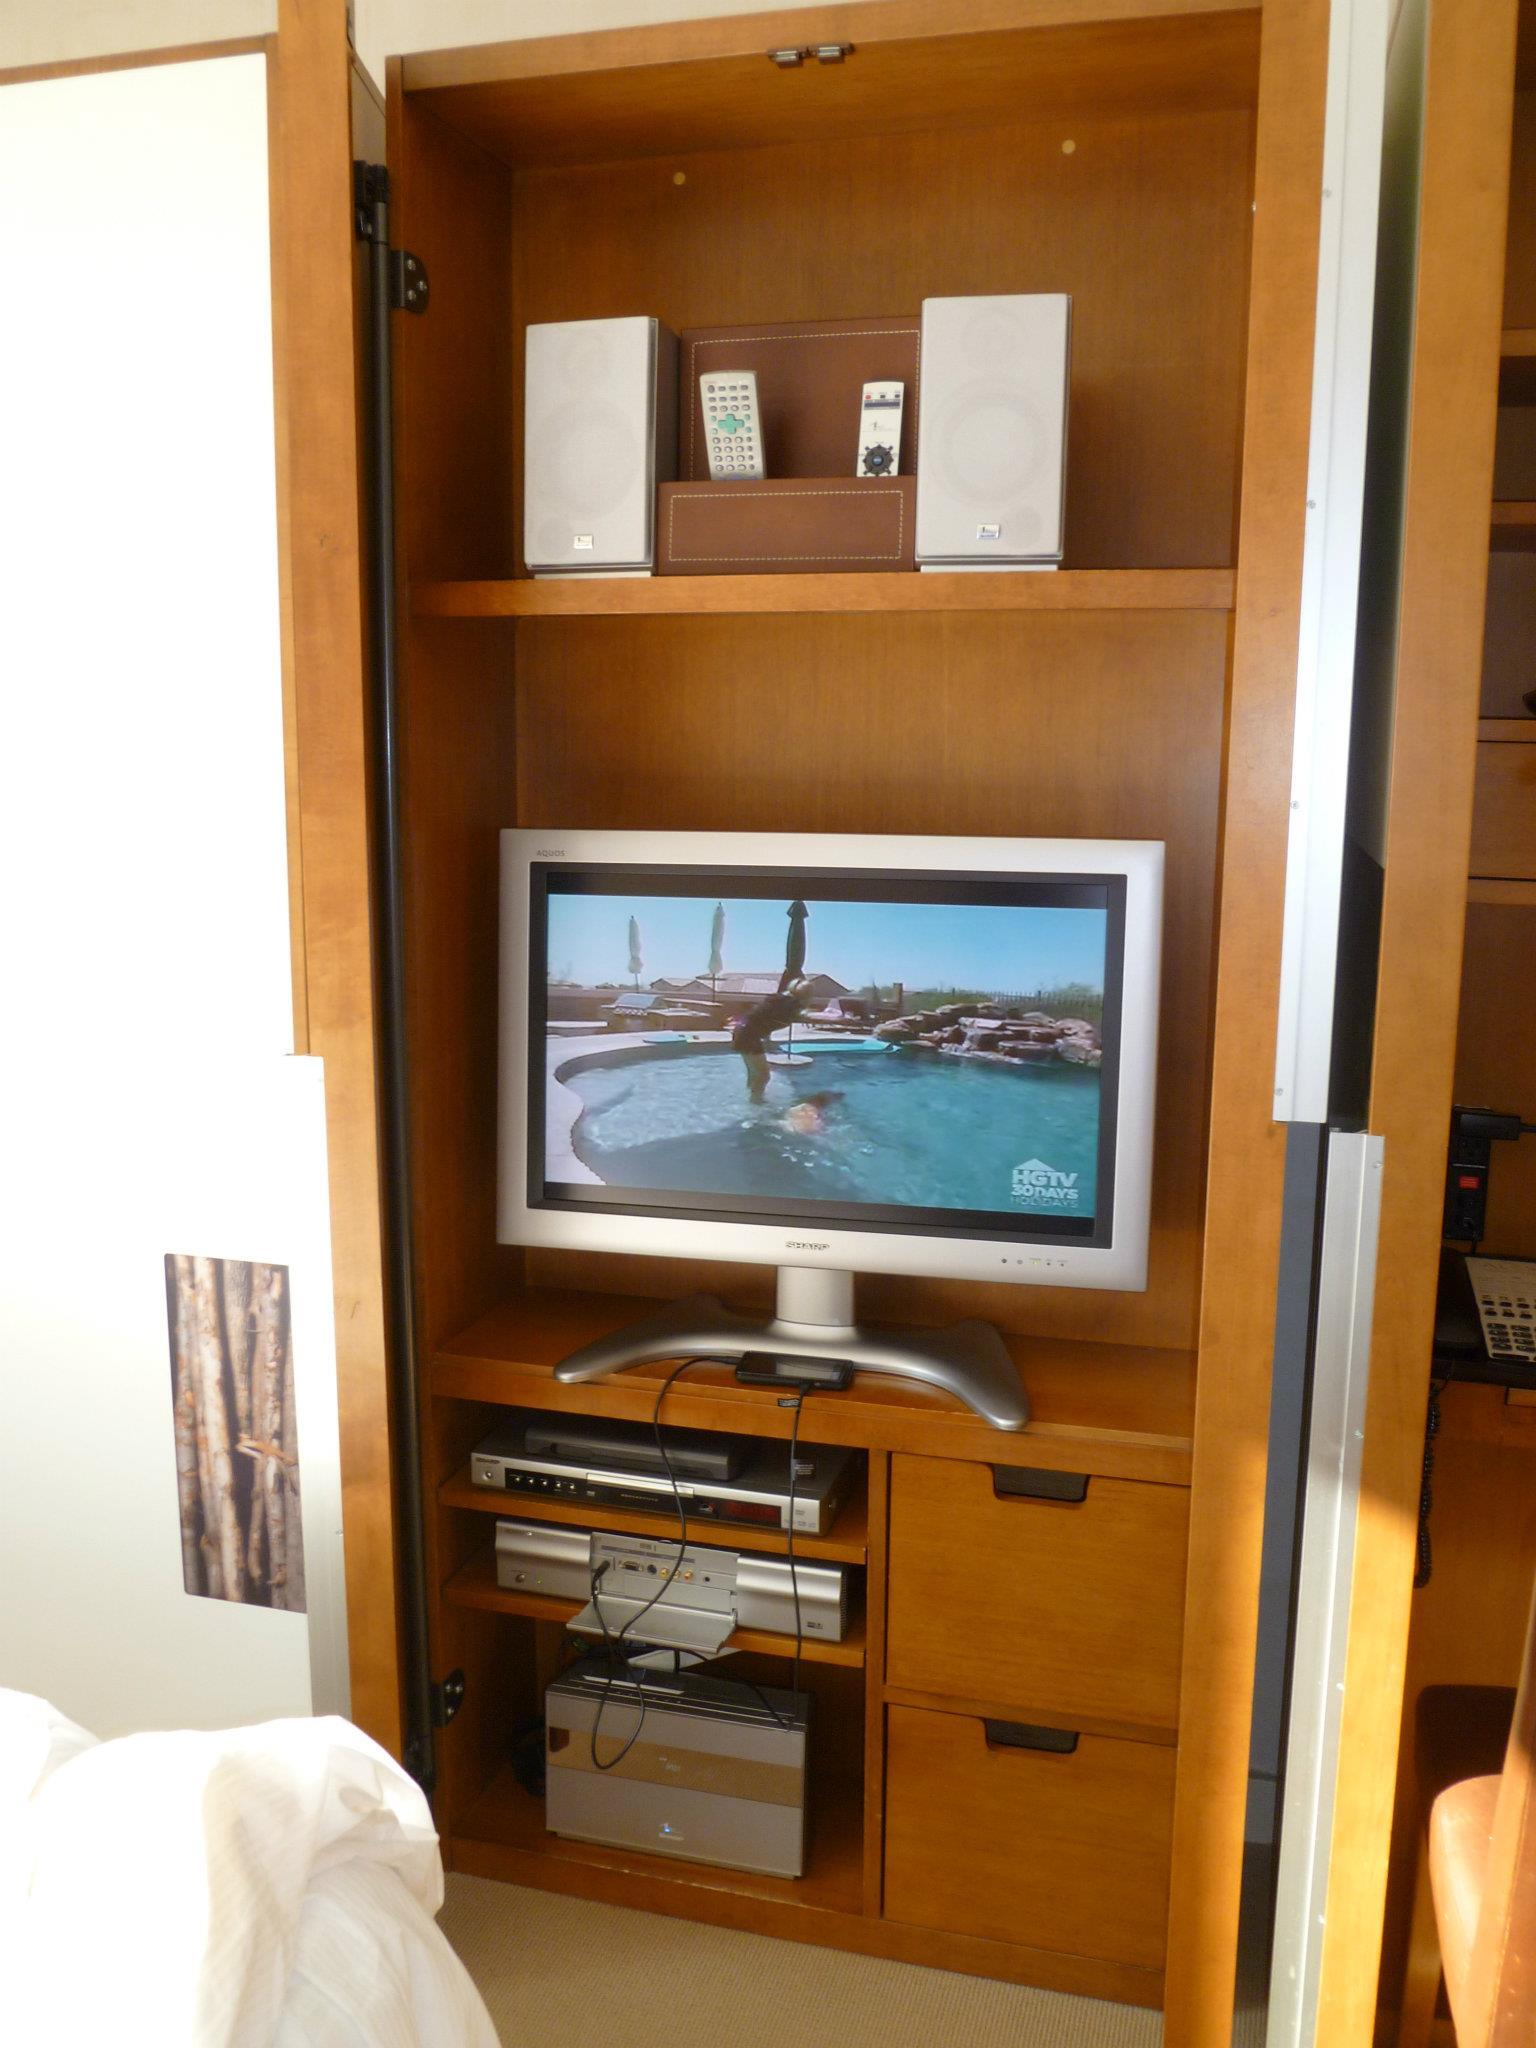 HGTV in hotel room